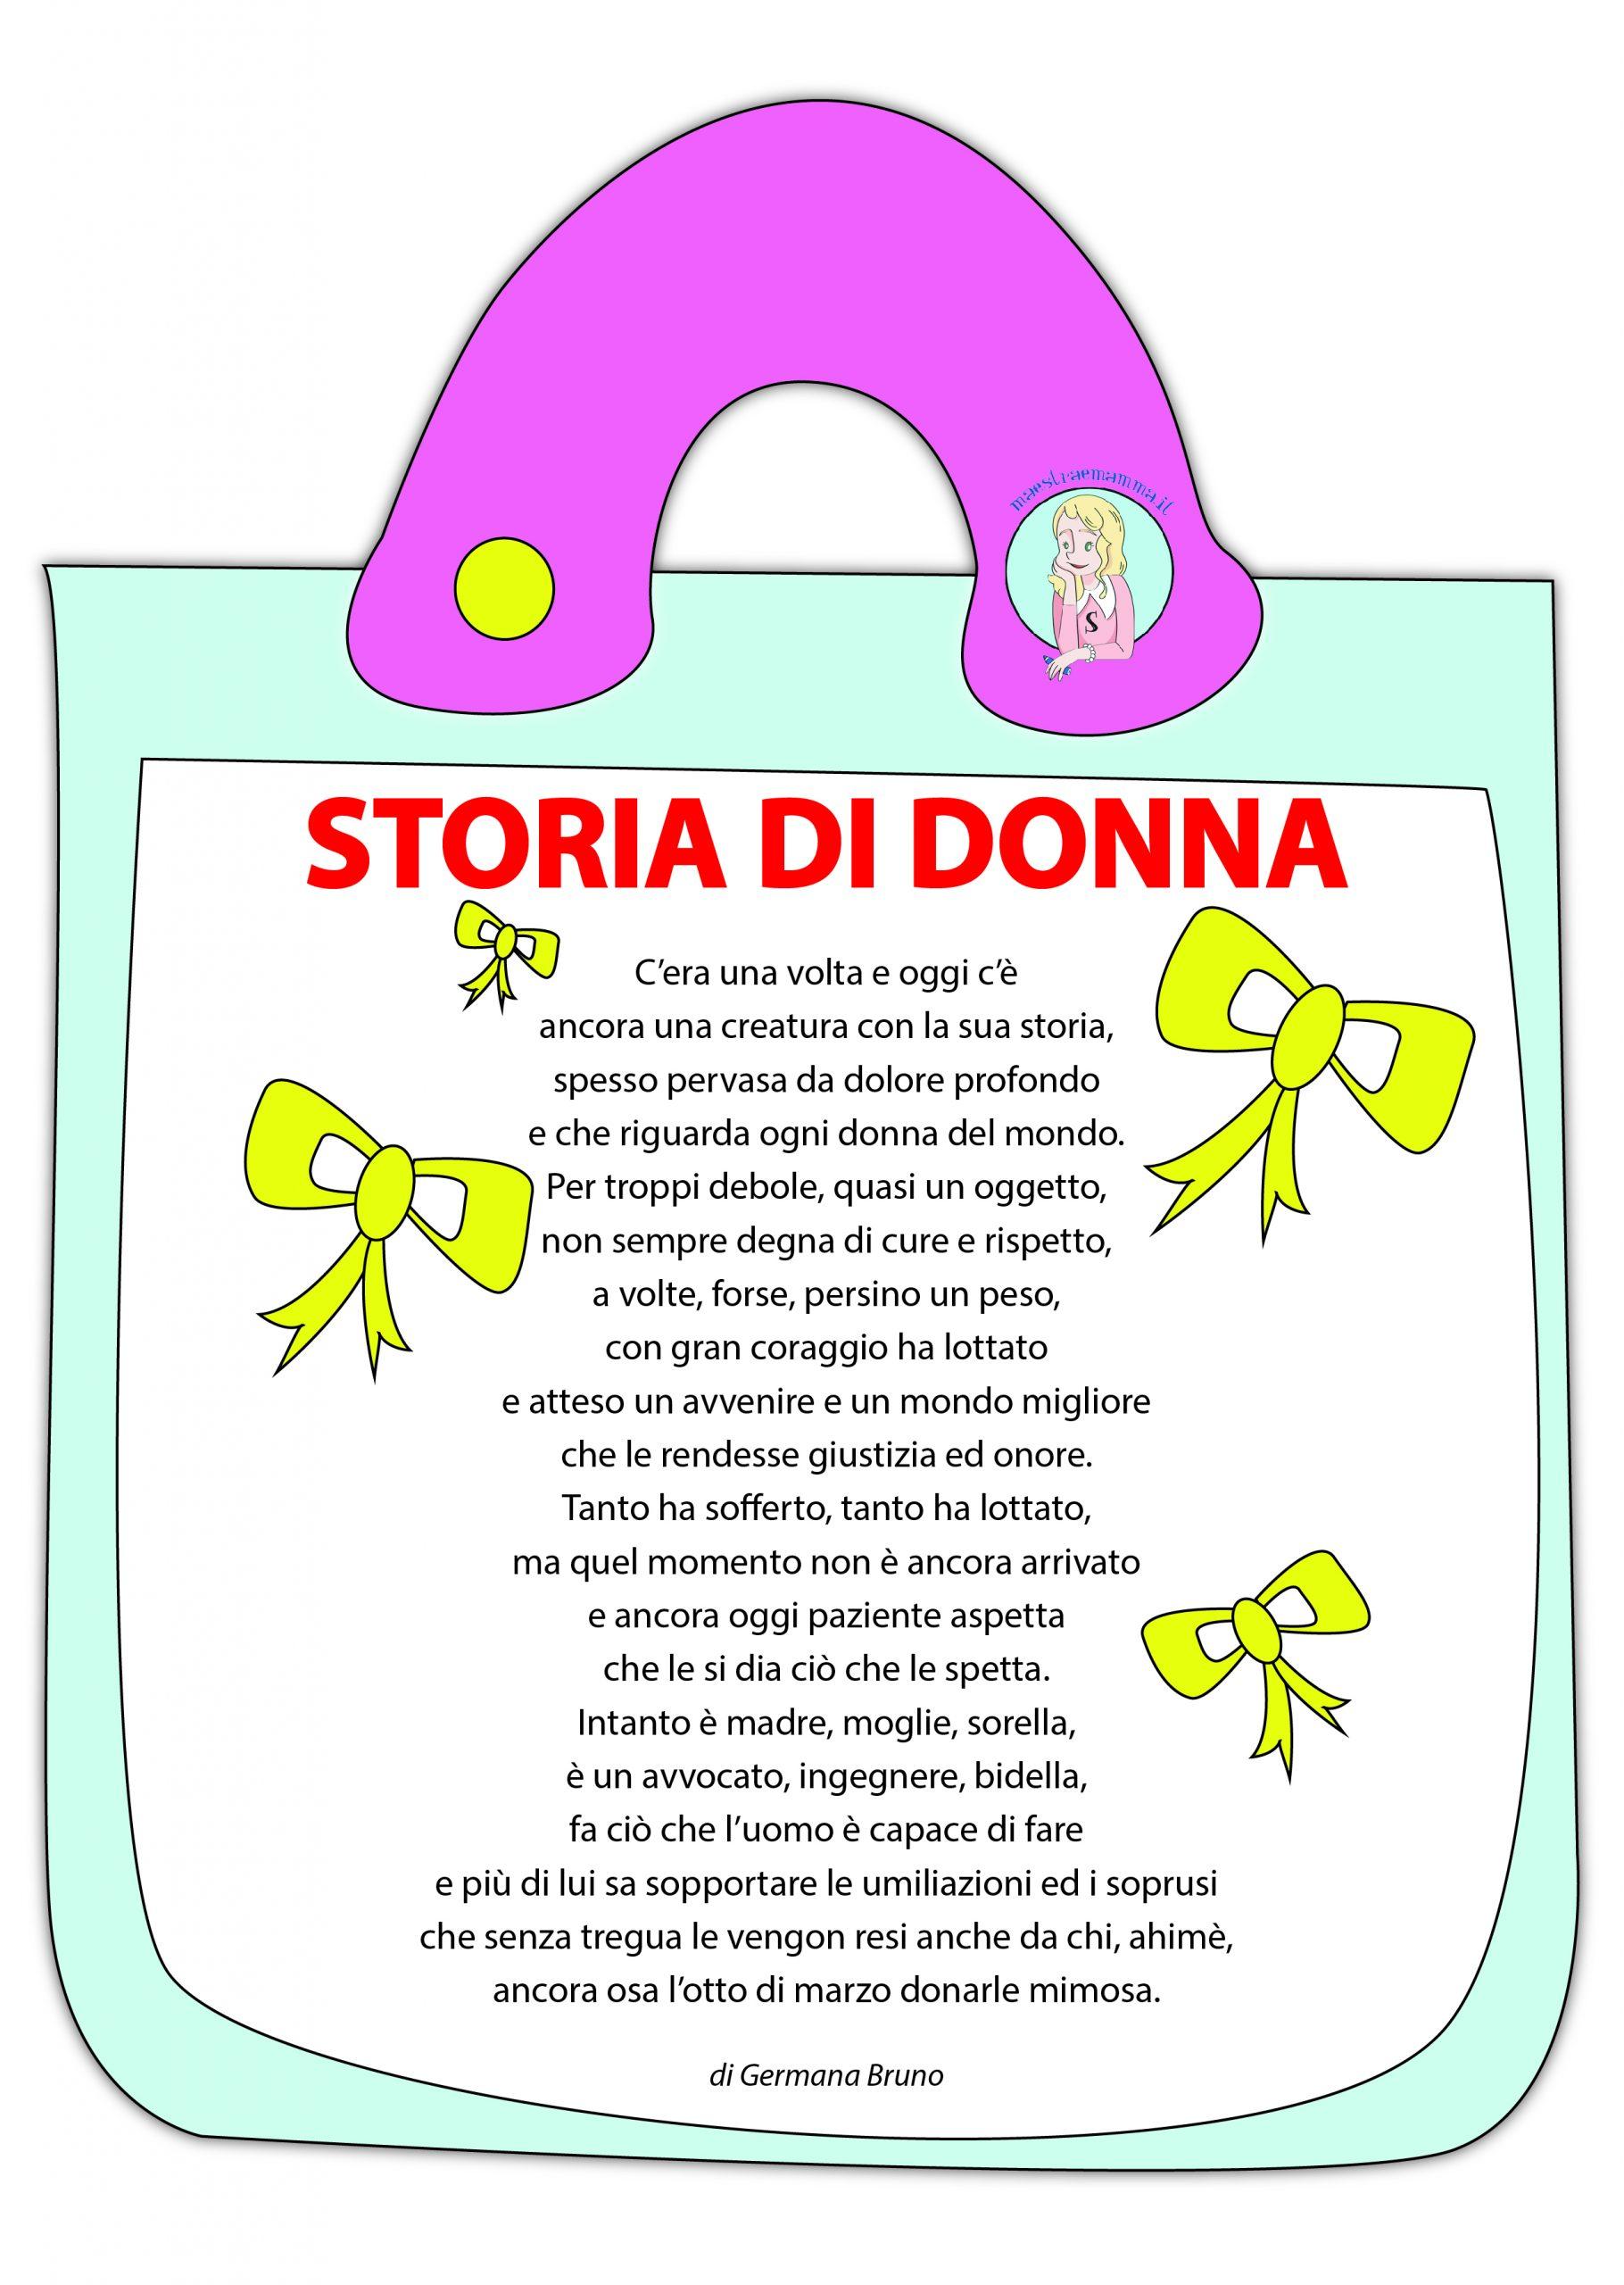 Poesia per la festa della donna di Germana Bruno